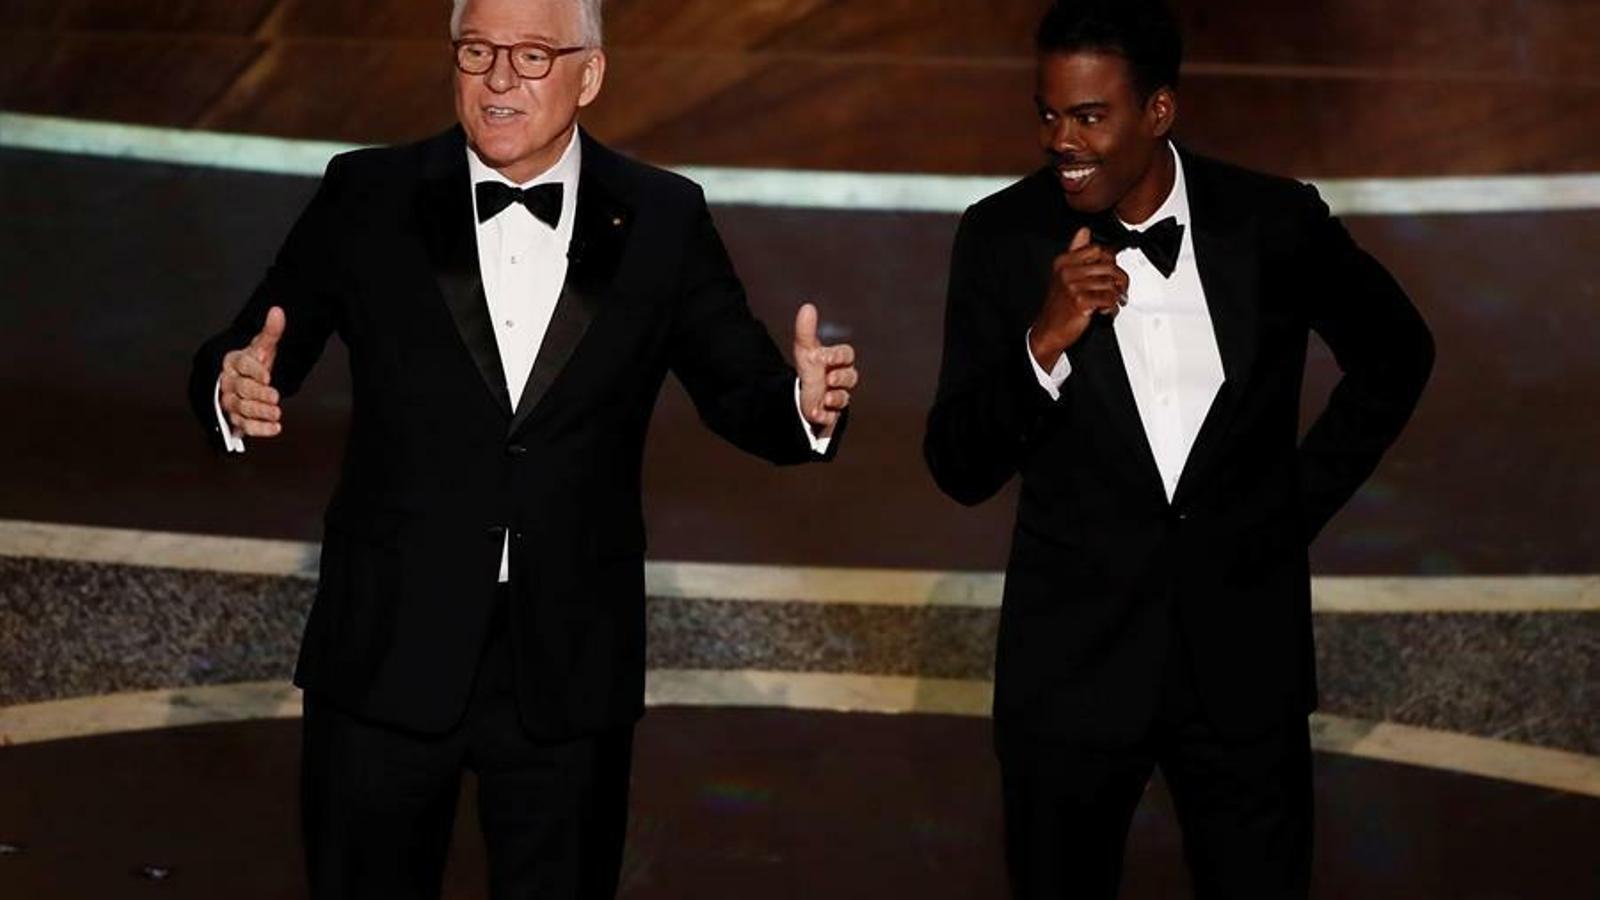 La gala dels Oscars en 10 moments